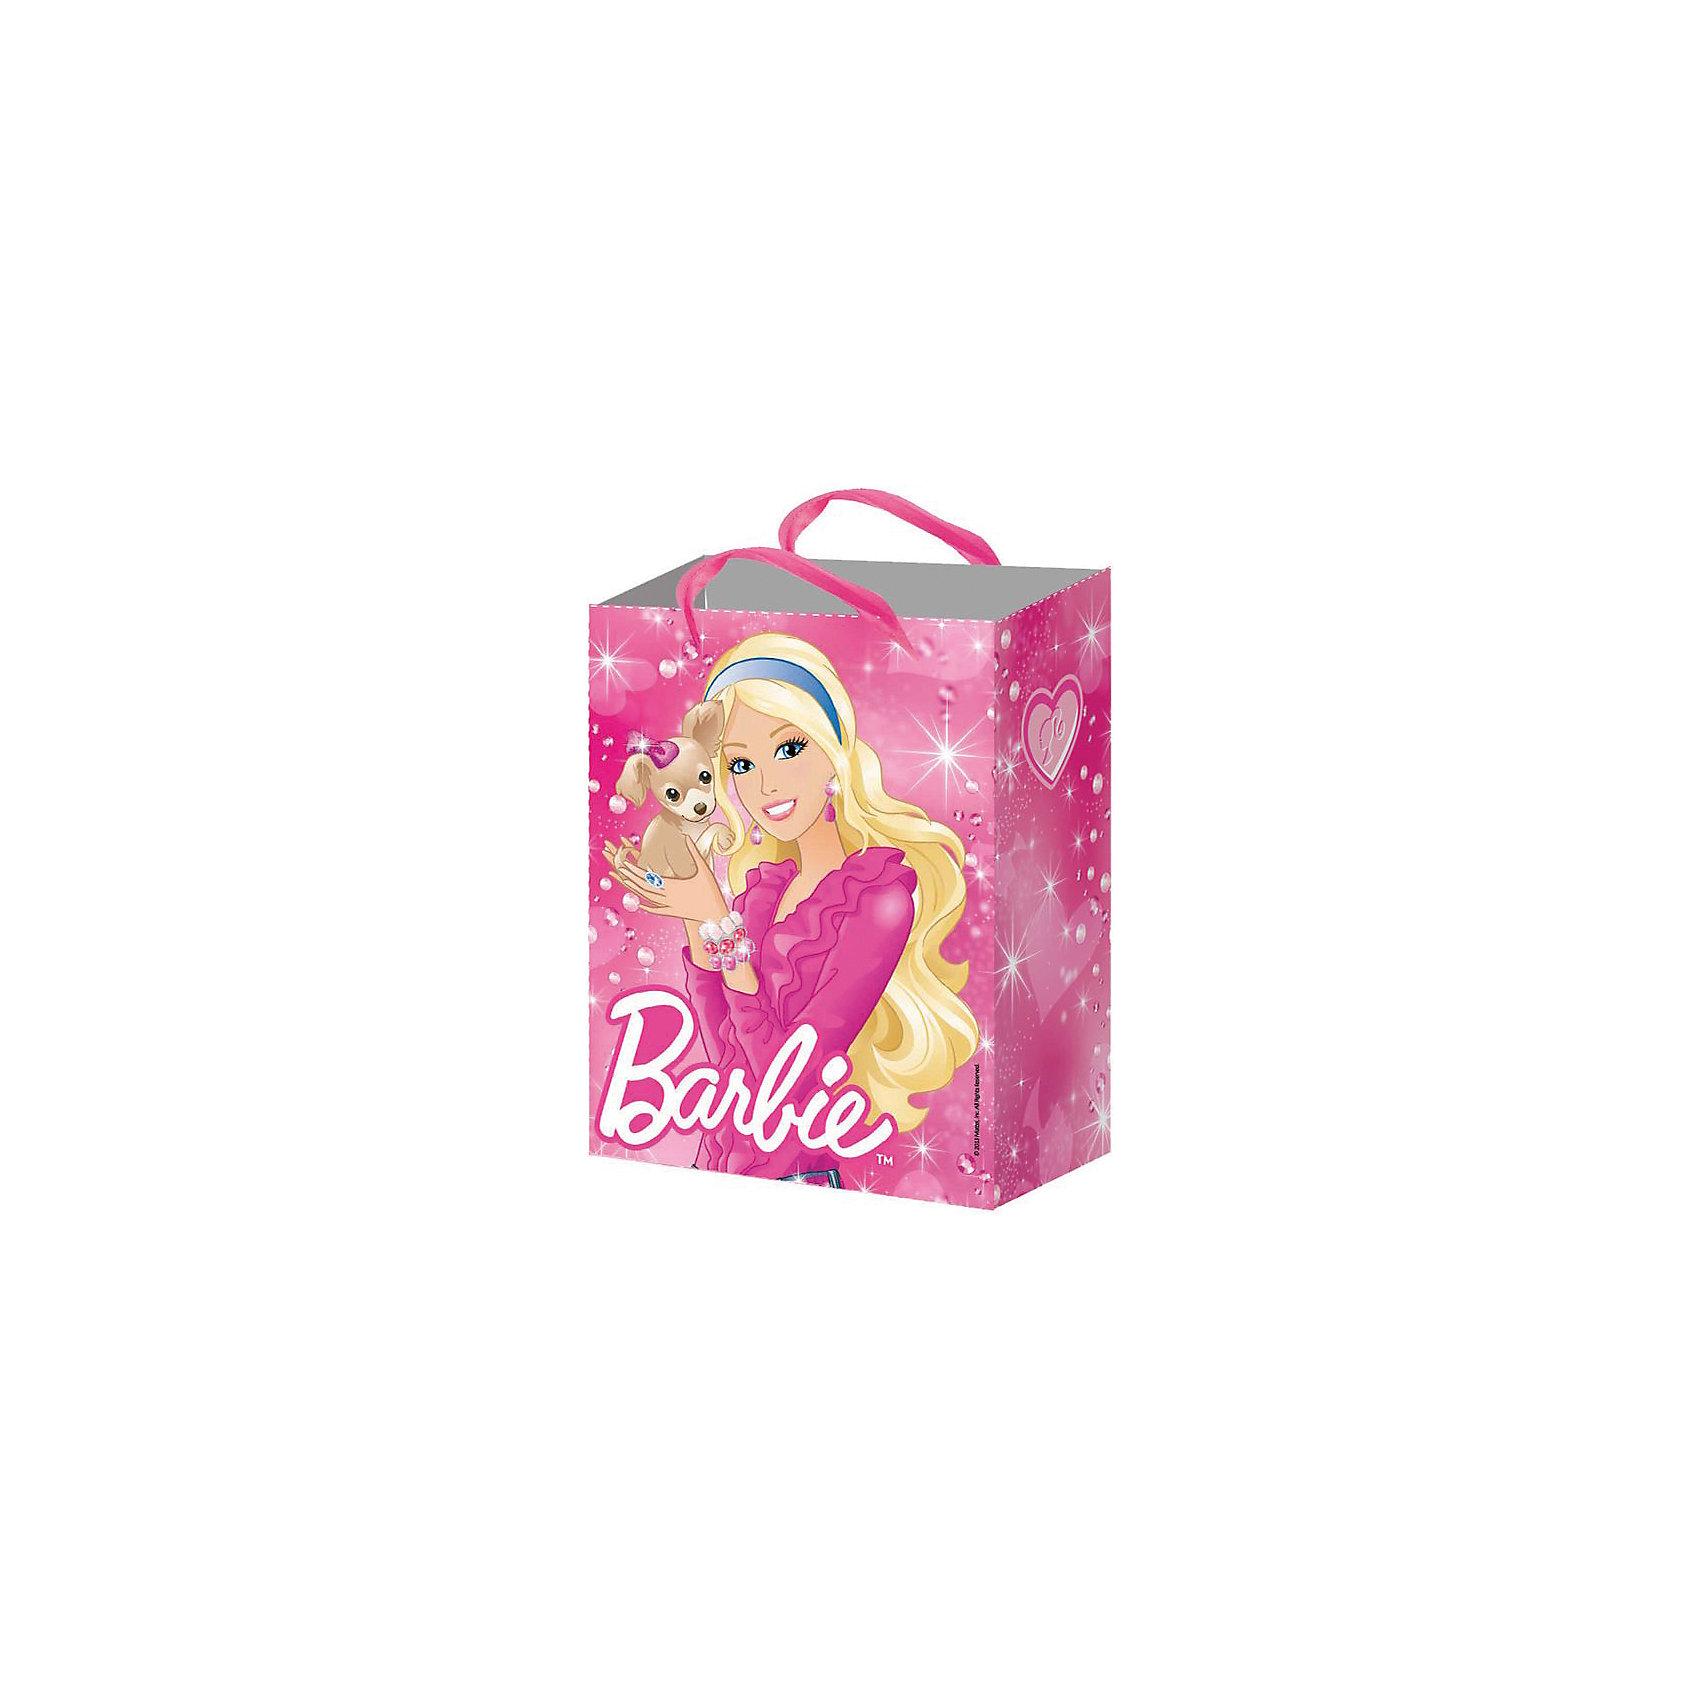 Подарочный пакет Барби 23*18*10 смПодарочный пакет Барби (Barbie) станет замечательным аксессуаром для детского праздника или тематической вечеринки. С его помощью Вы сможете красиво оформить подарок, памятный сувенир или сюрприз для конкурса. Пакет ярко-розовой расцветки  и двумя ленточными ручками украшен изображением популярной красавицы Барби и ее питомца - забавной собачки. С двух сторон пакета разные рисунки.<br><br>Дополнительная информация:<br><br>- Материал: бумага. <br>- Размер пакета: 23 х 18 х 10 см.<br>- Размер в свернутом виде: 23 х 18 х 0,2 см.<br>- Вес: 40 гр.<br><br>Подарочный пакет Барби можно купить в нашем интернет-магазине.<br><br>Ширина мм: 230<br>Глубина мм: 180<br>Высота мм: 100<br>Вес г: 40<br>Возраст от месяцев: 36<br>Возраст до месяцев: 108<br>Пол: Женский<br>Возраст: Детский<br>SKU: 4046820